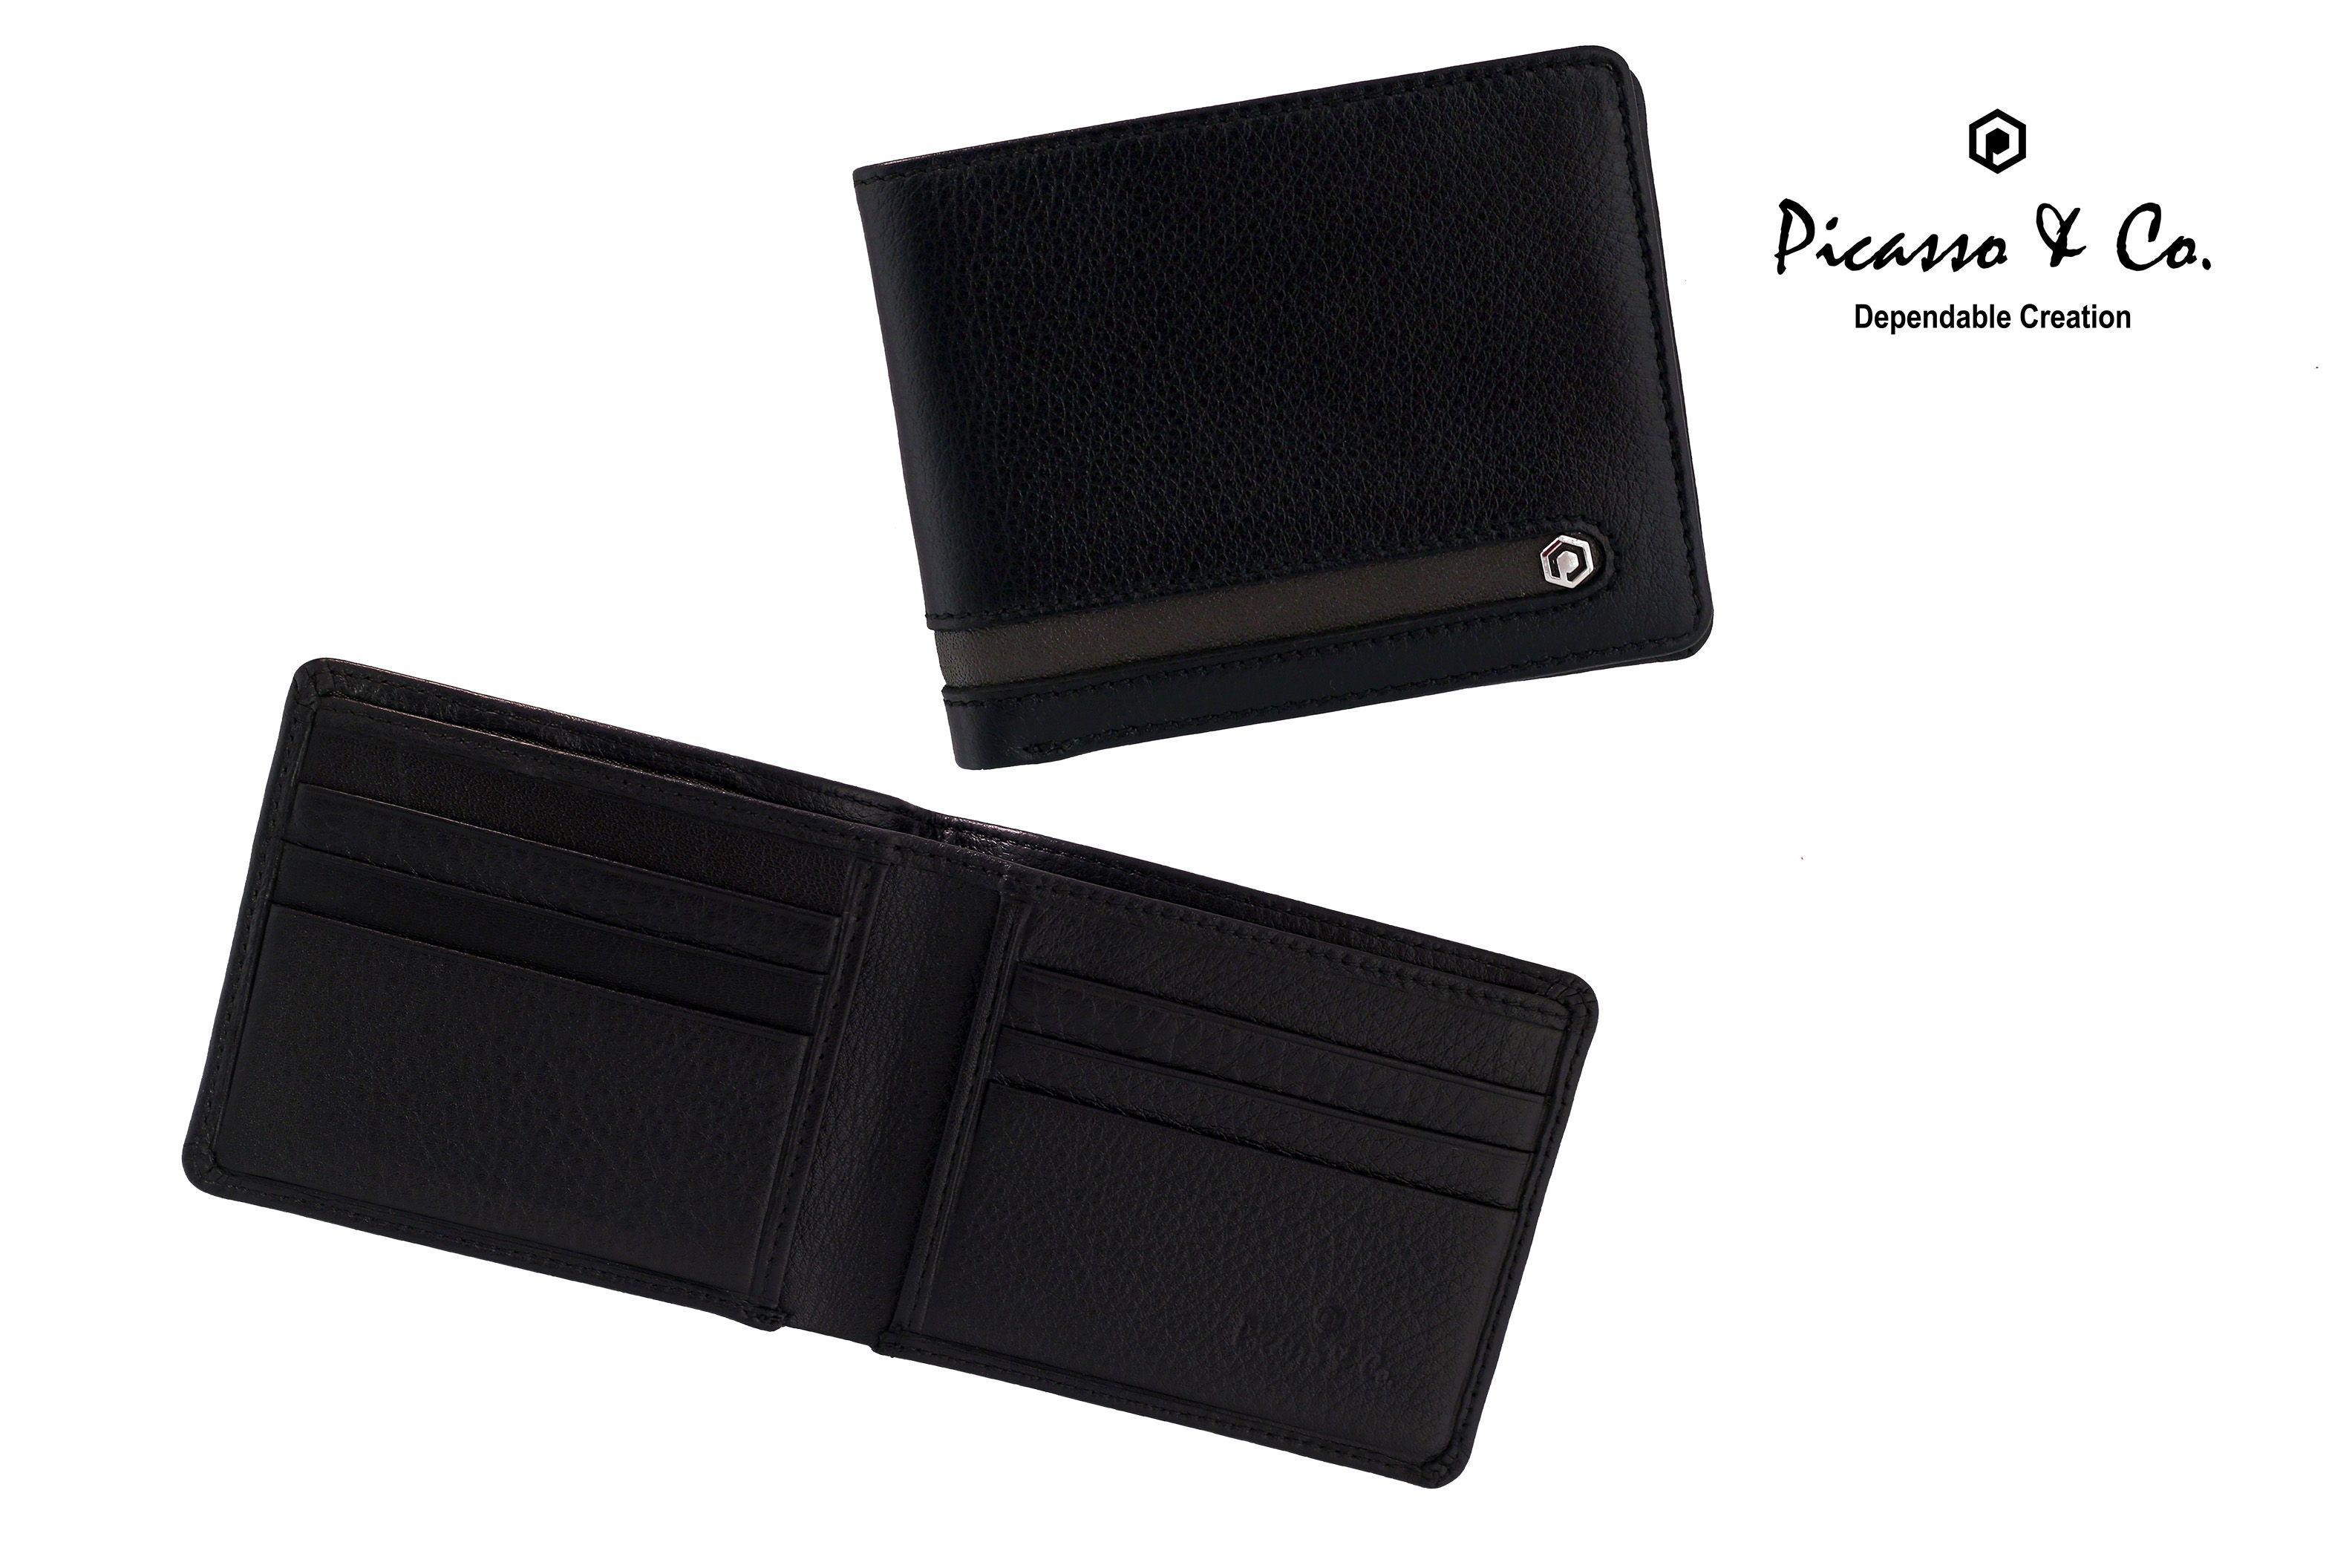 يتوفر لدينا من ماركة بيكاسو اند كو العالمية محافظ رجالية جلد طبيعي بكافة الاشكال التي تناسب جميع الاذواق تسوقها لدى معارض الركن السو Card Holder Leather Cards